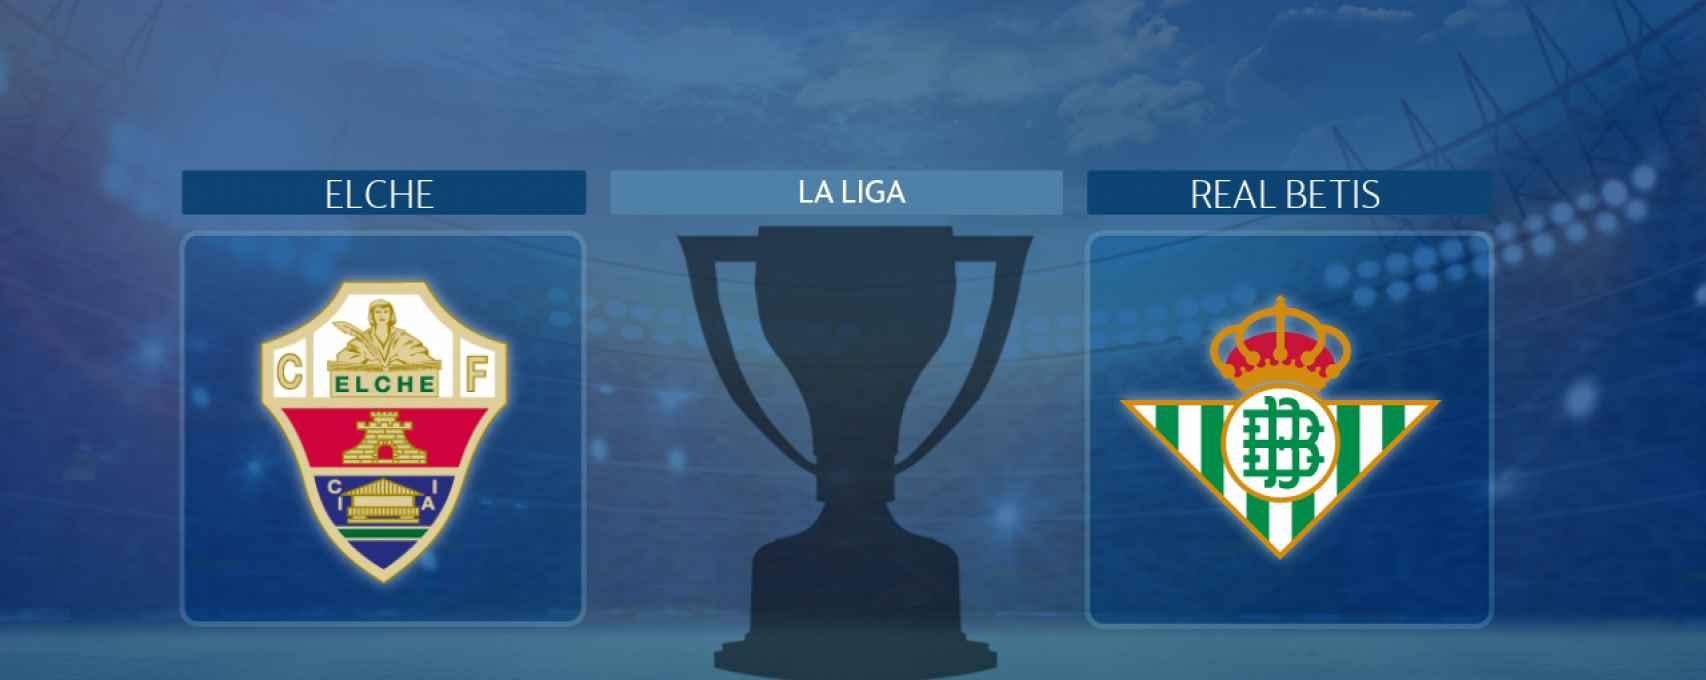 Elche - Real Betis, partido de La Liga